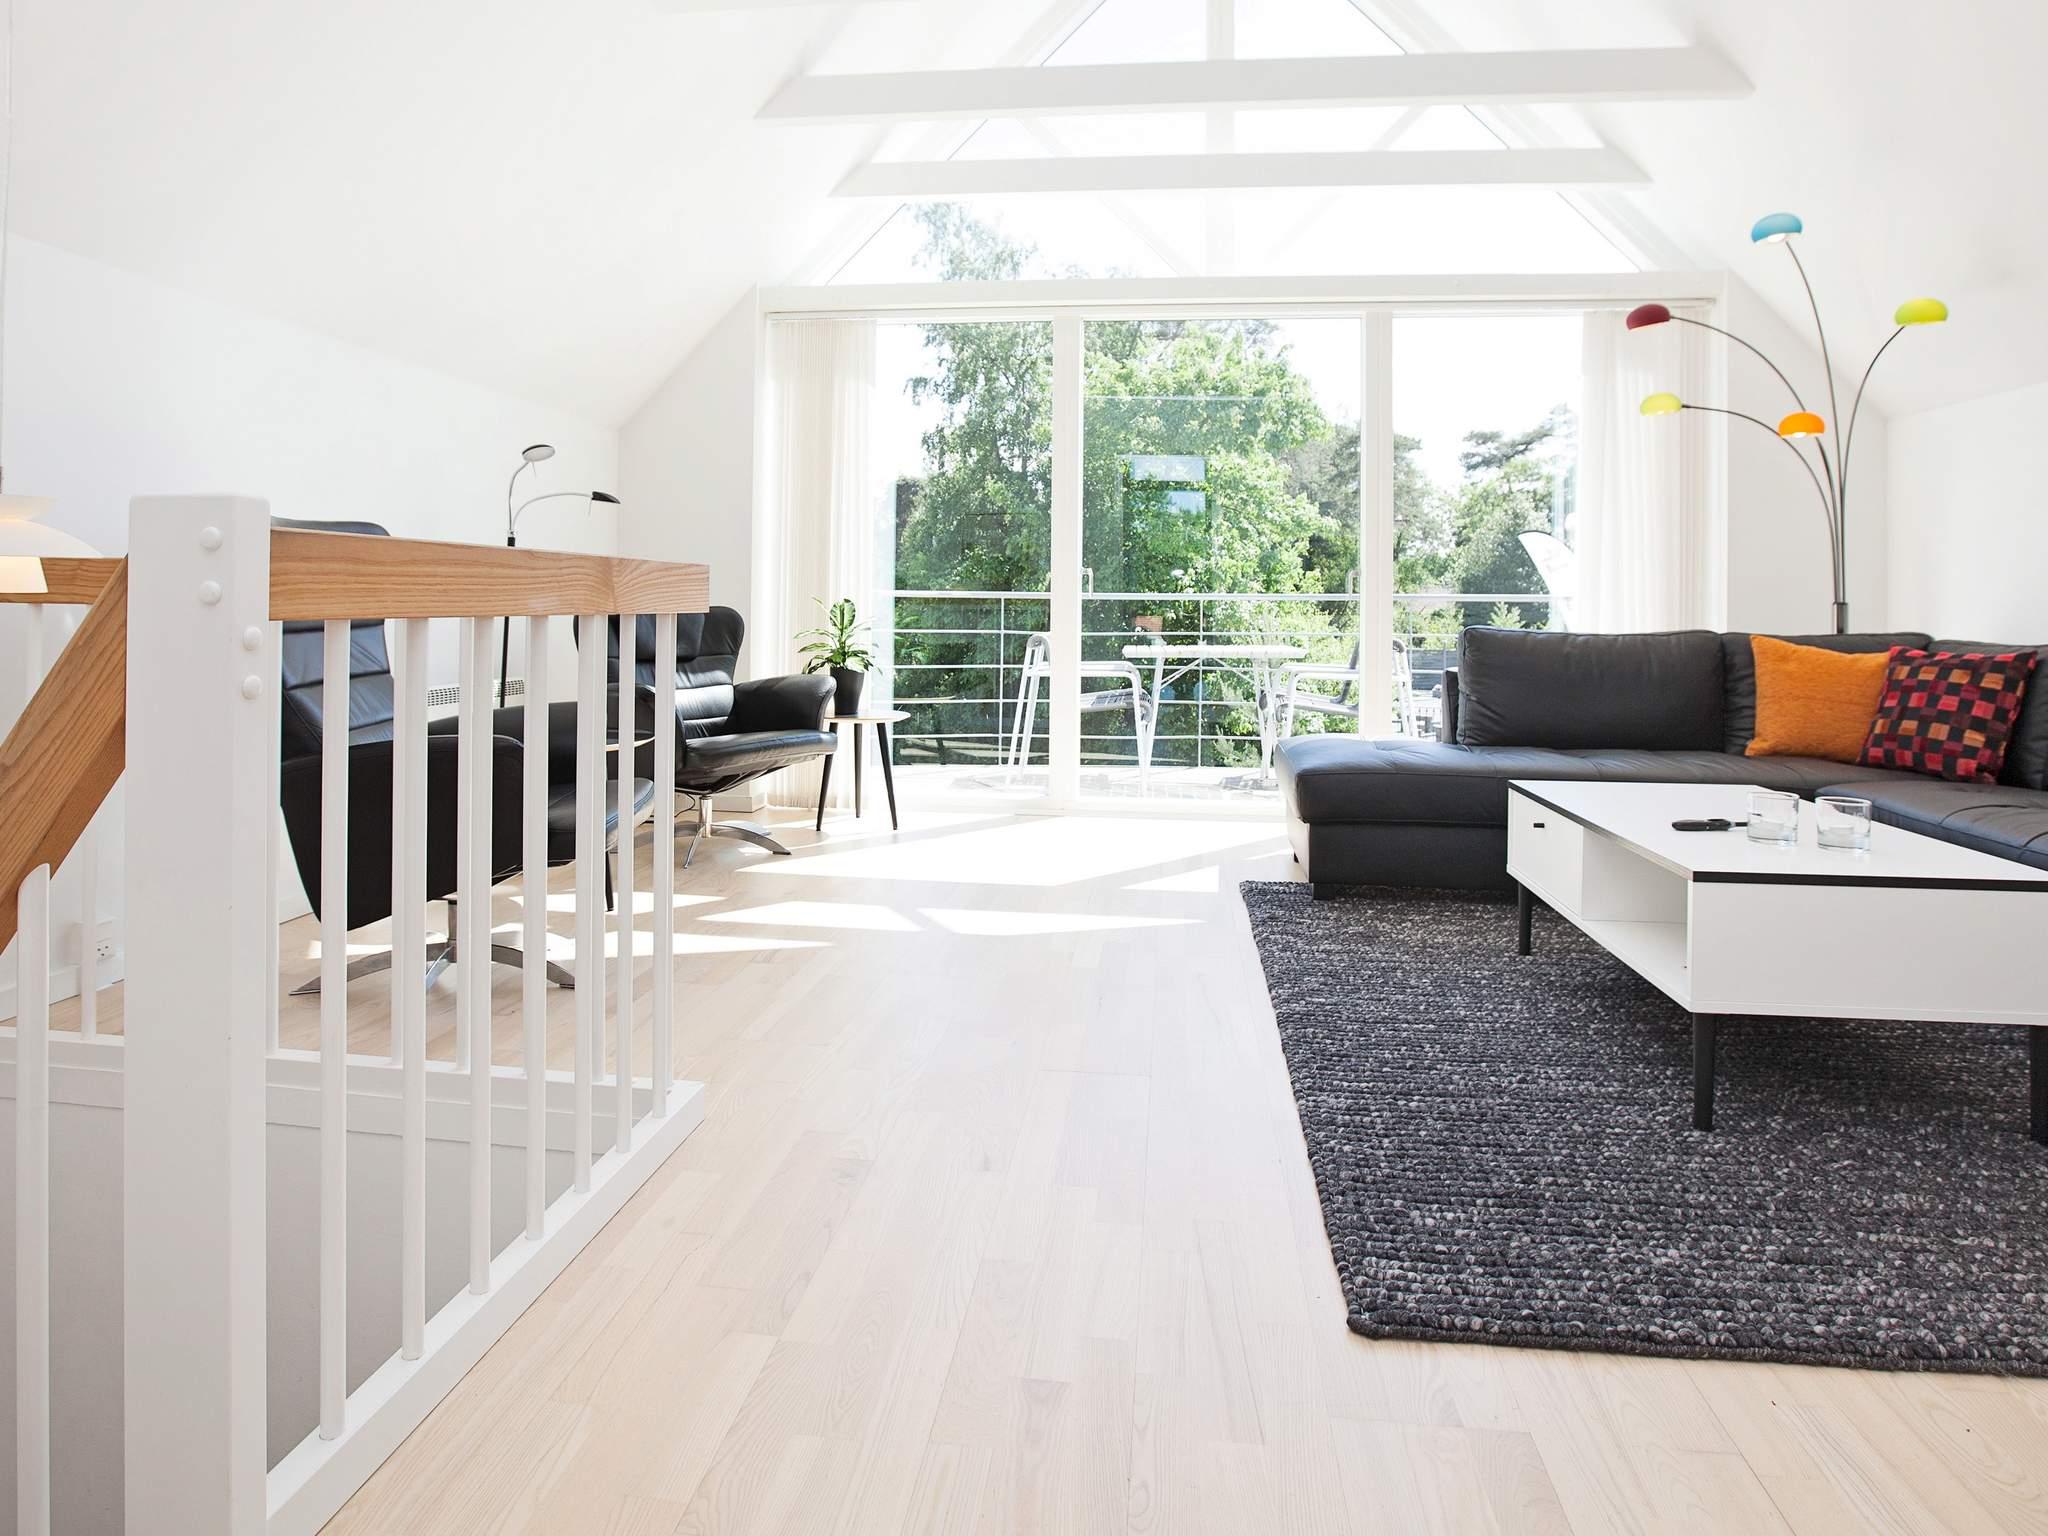 Ferienhaus Marielyst (334418), Marielyst, , Falster, Dänemark, Bild 18